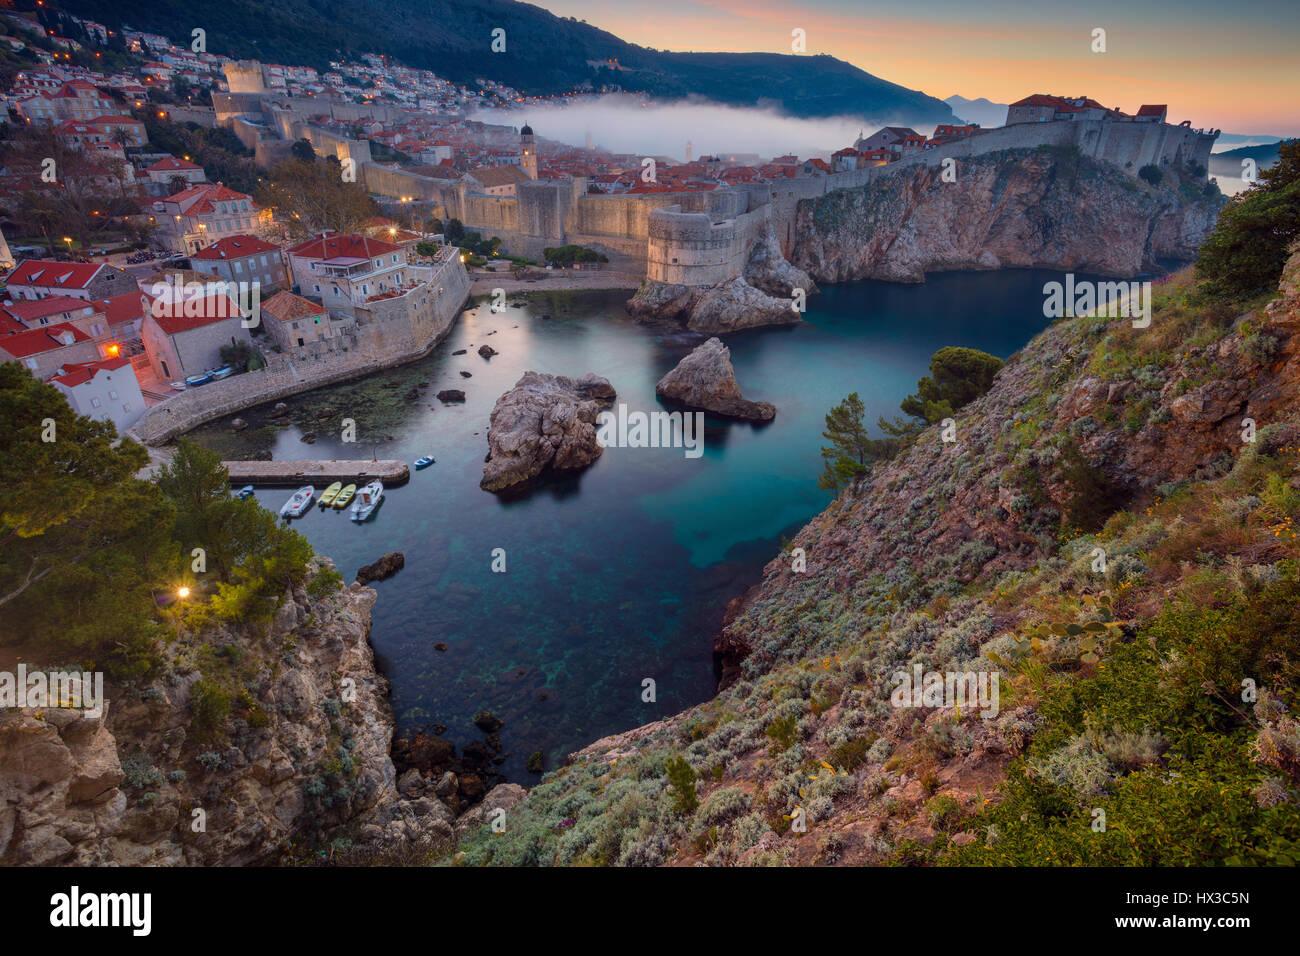 Dubrovnik, Croatie. Belle romantique vieille ville de Dubrovnik pendant le lever du soleil. Photo Stock